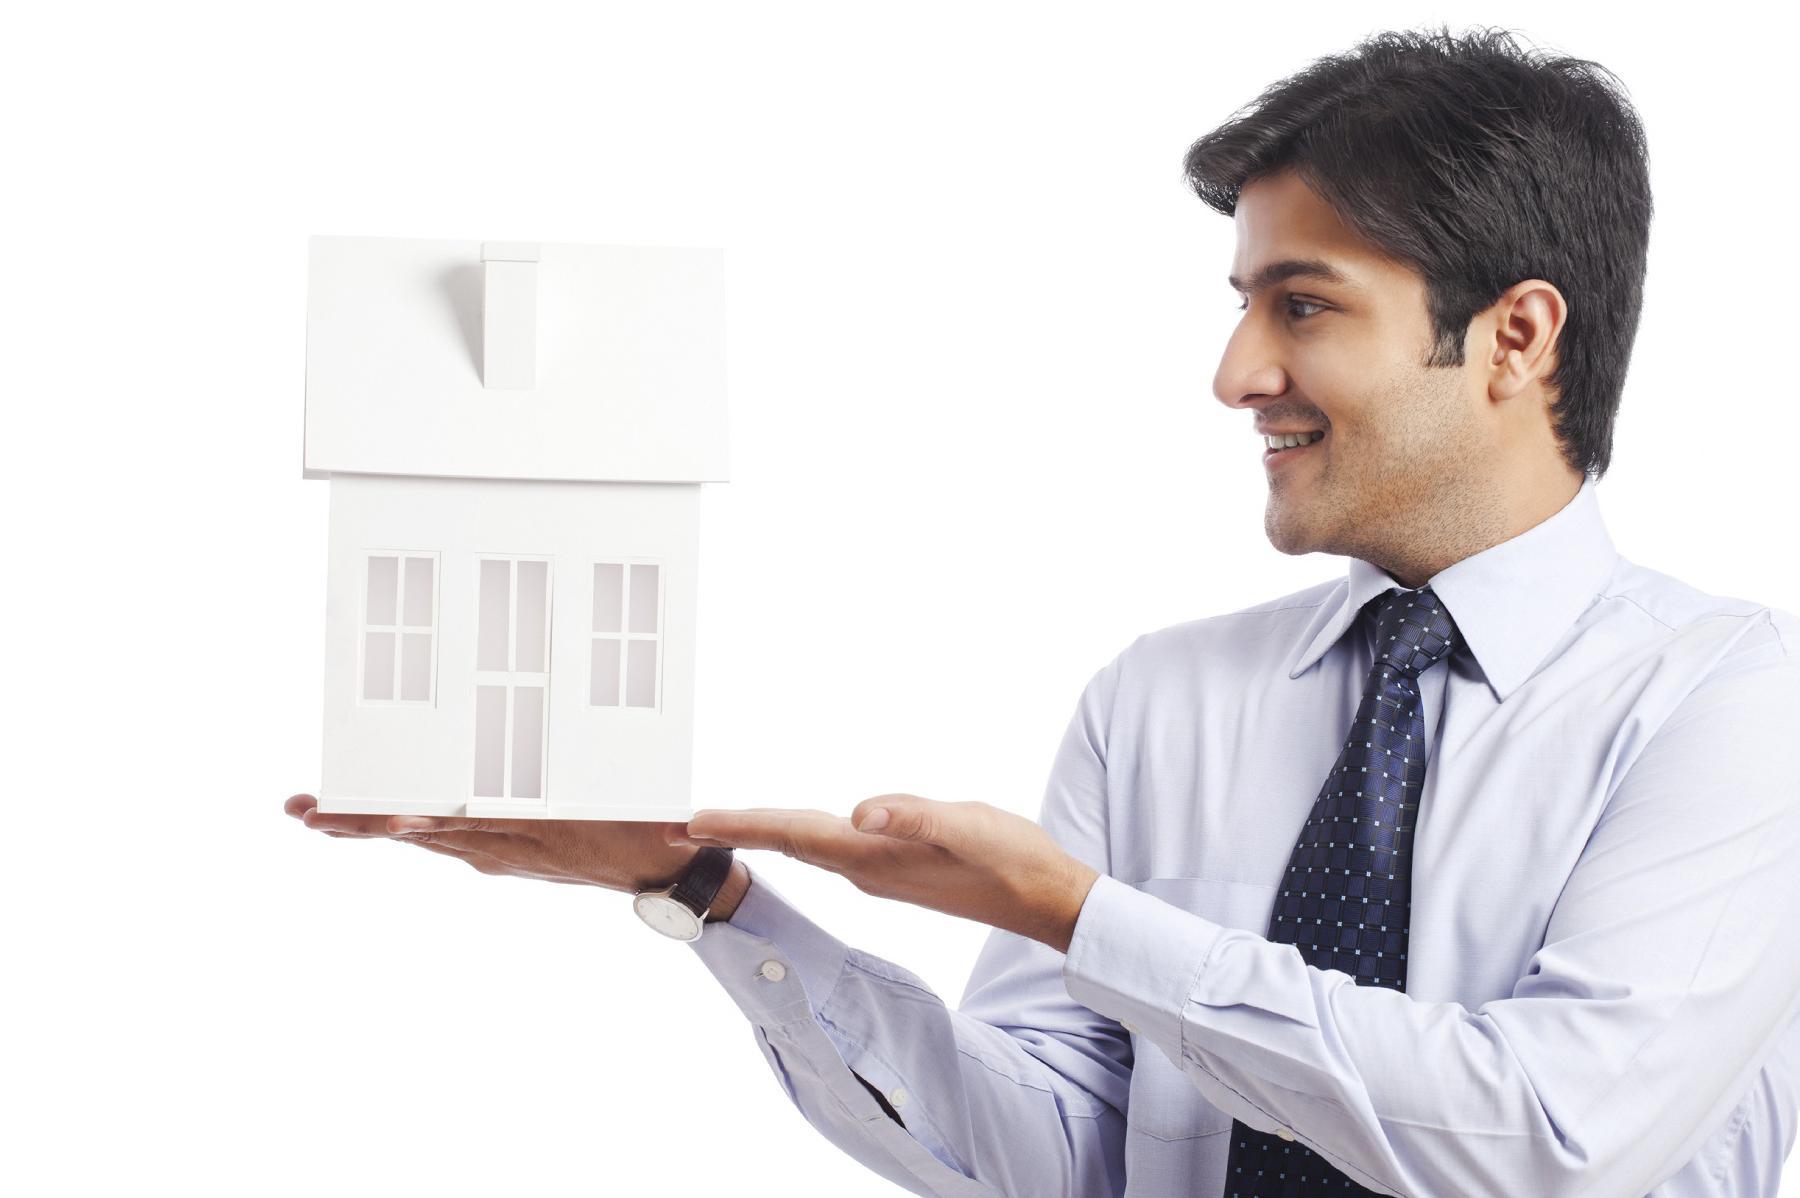 Vente immobilière : Comment je fais pour vendre vite et bien des logements ?